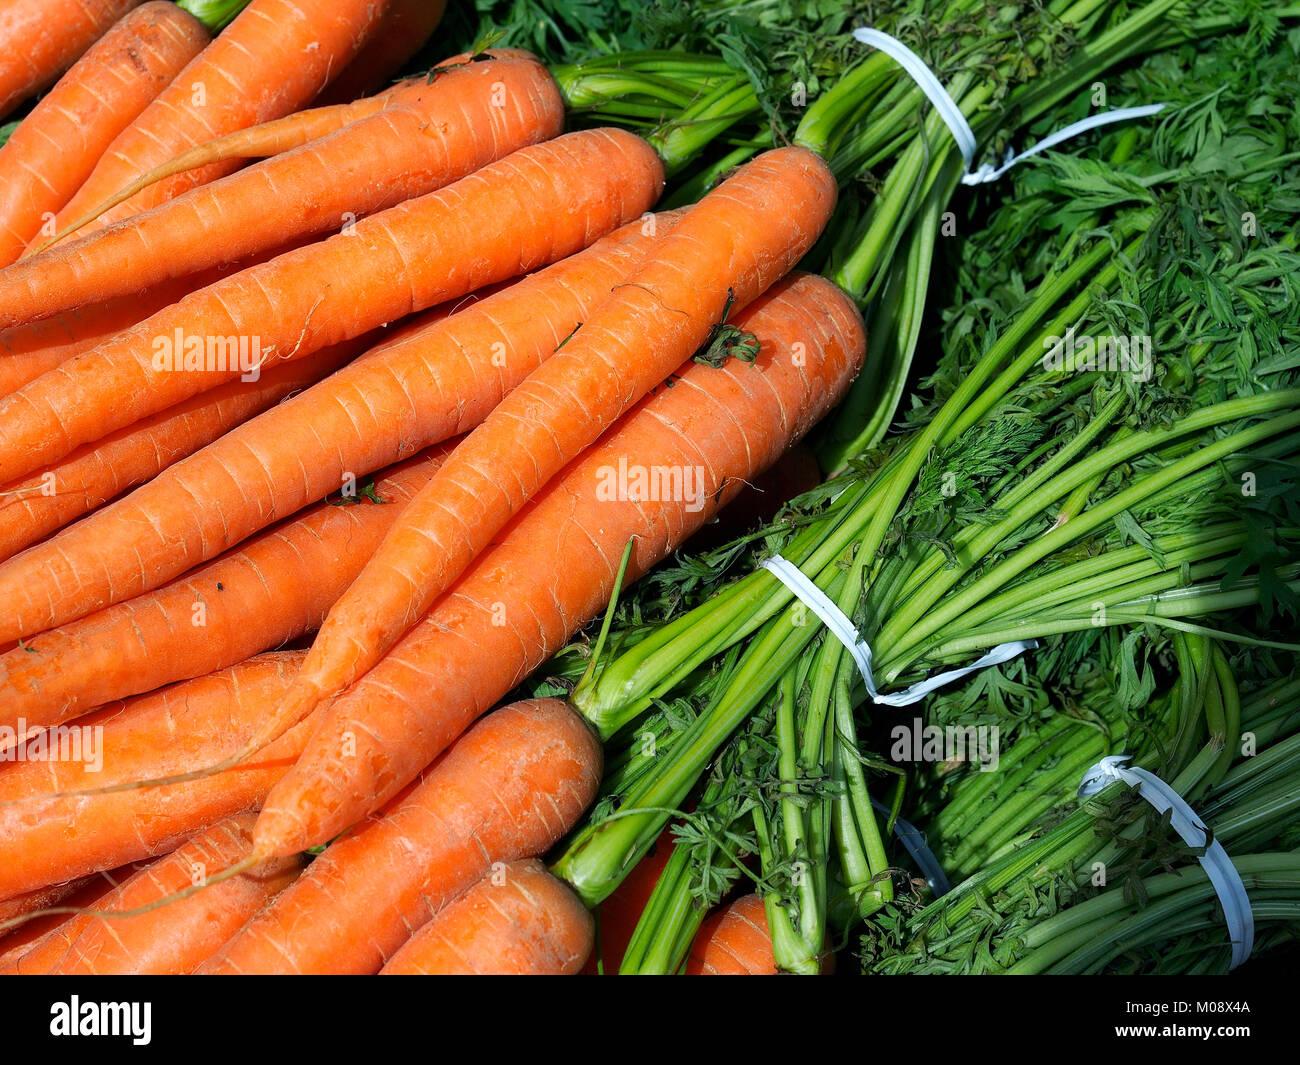 Calle del mercado alimentario. Paquetes de zanahorias anaranjadas en venta en un stand de frutas y verduras. Granja orgánica. Foto de stock